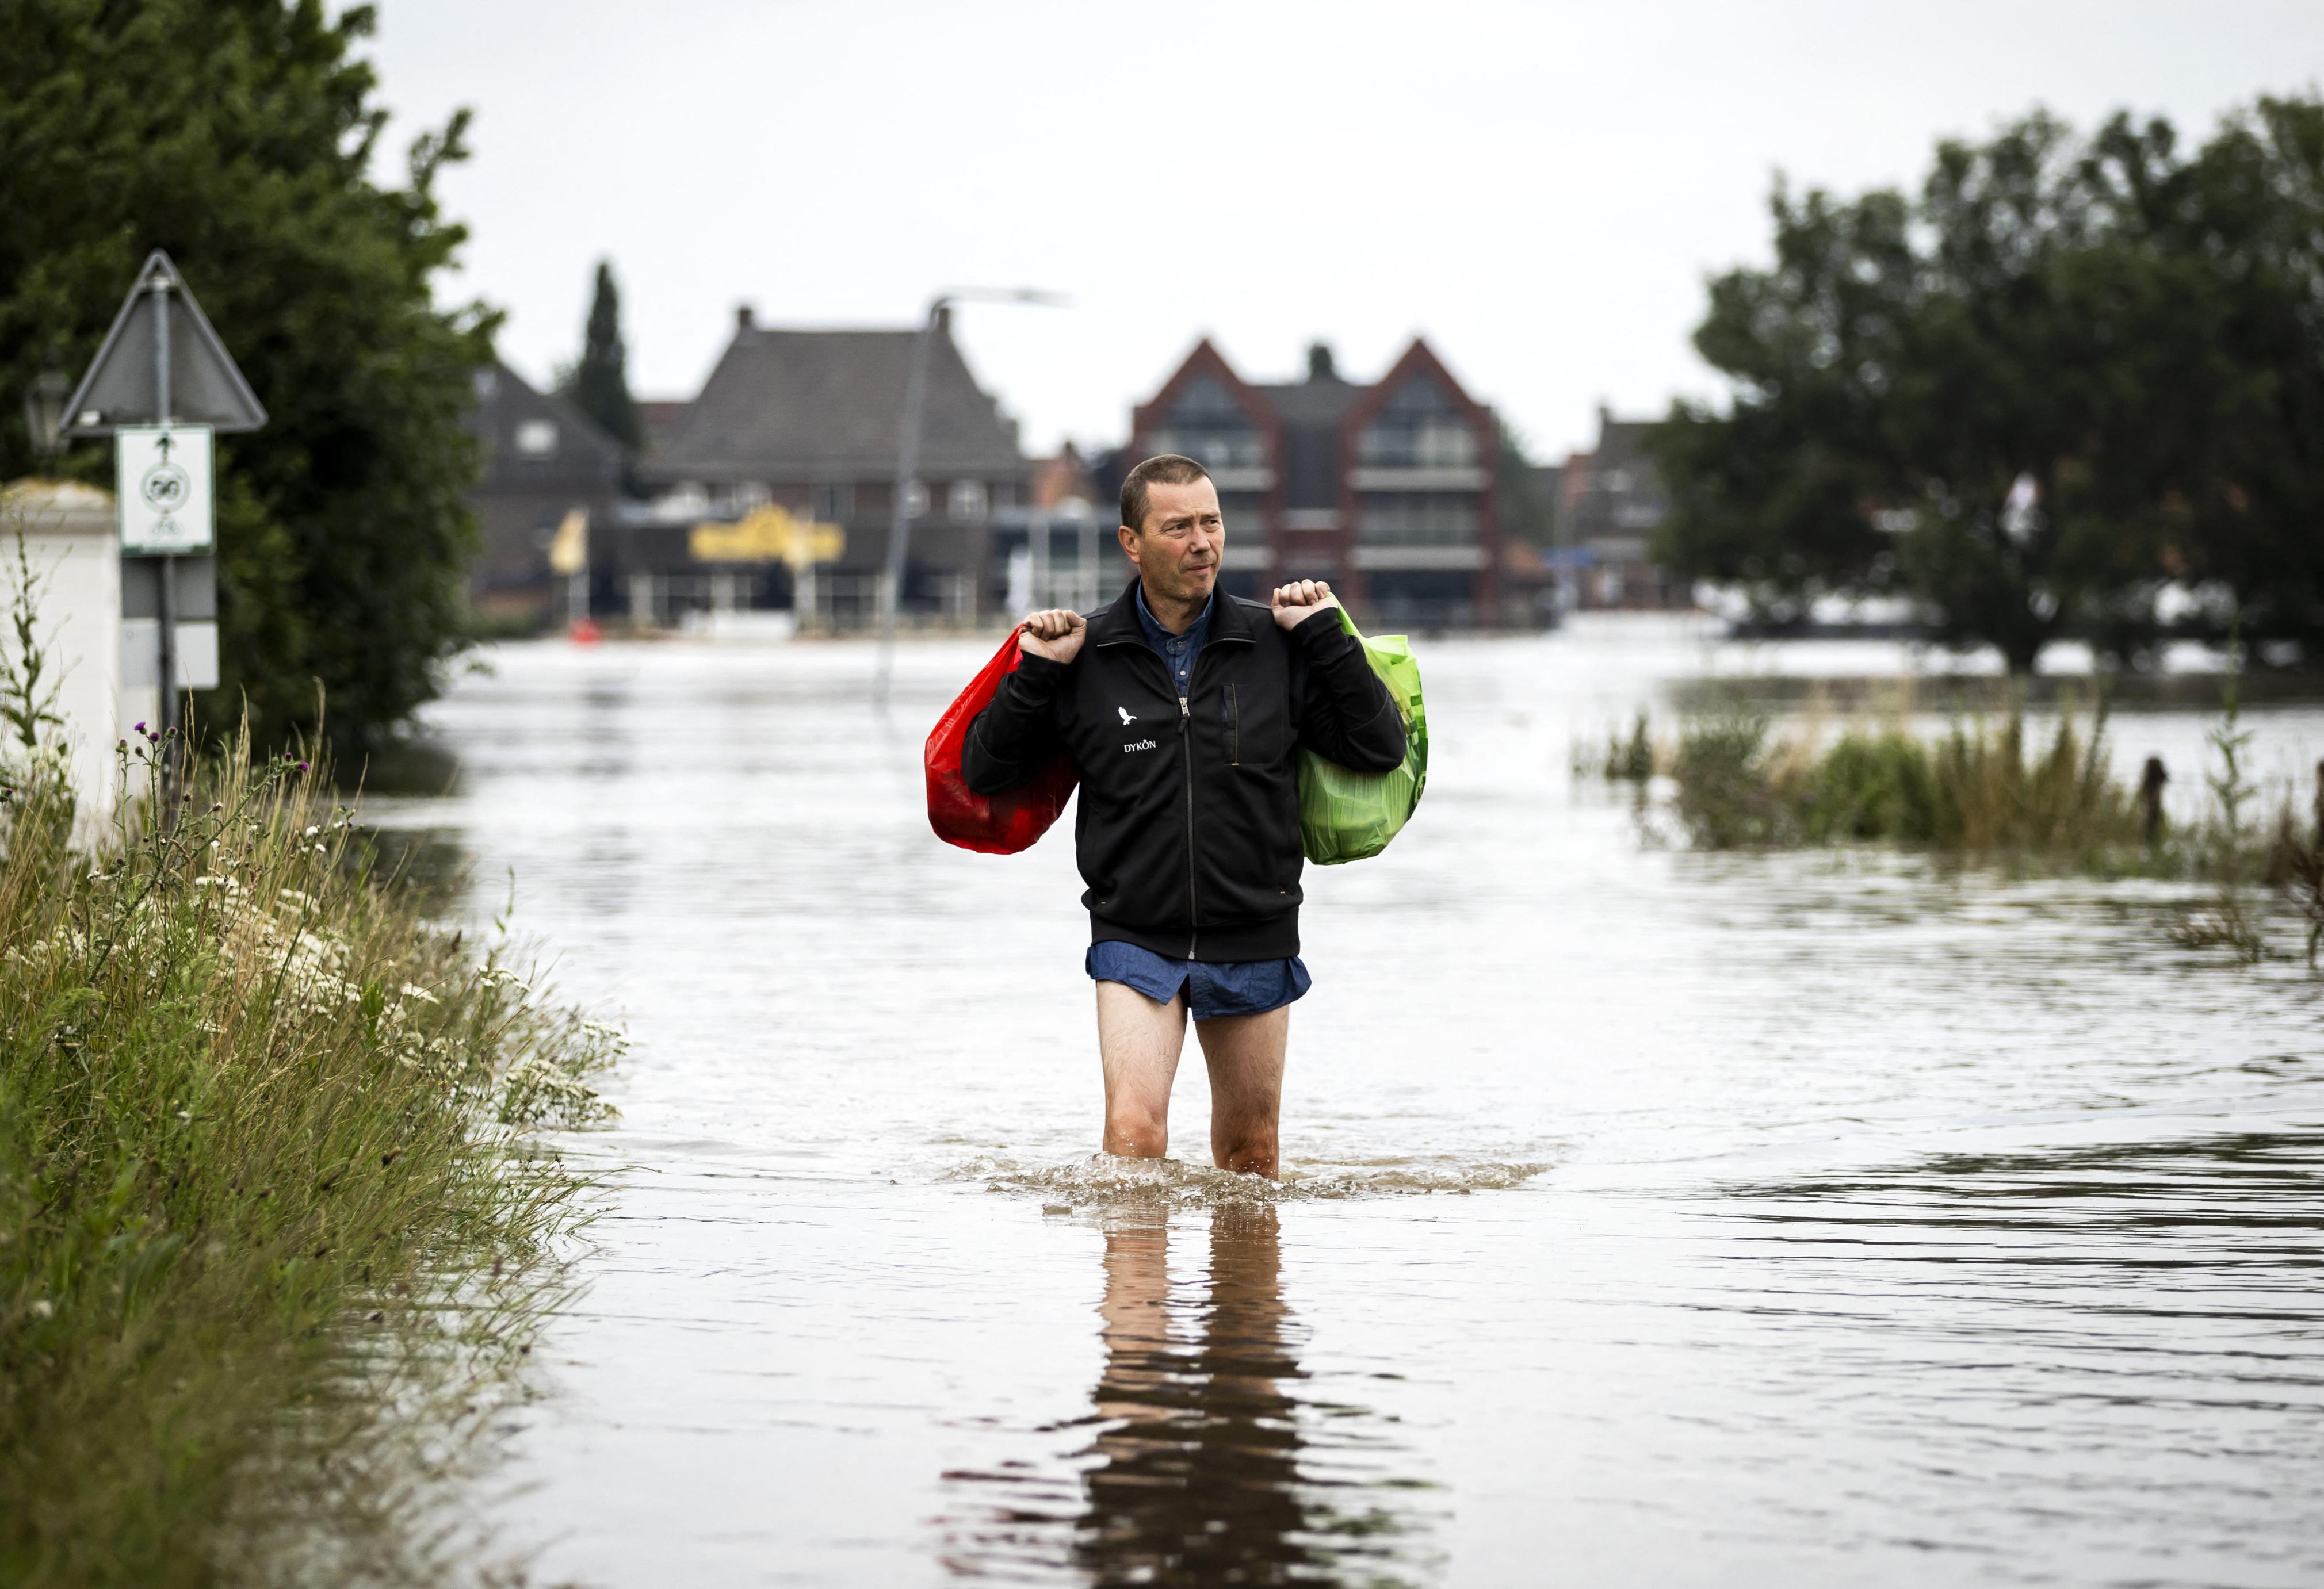 Már több mint százan vesztették életüket Belgiumban és Németországban az áradások miatt